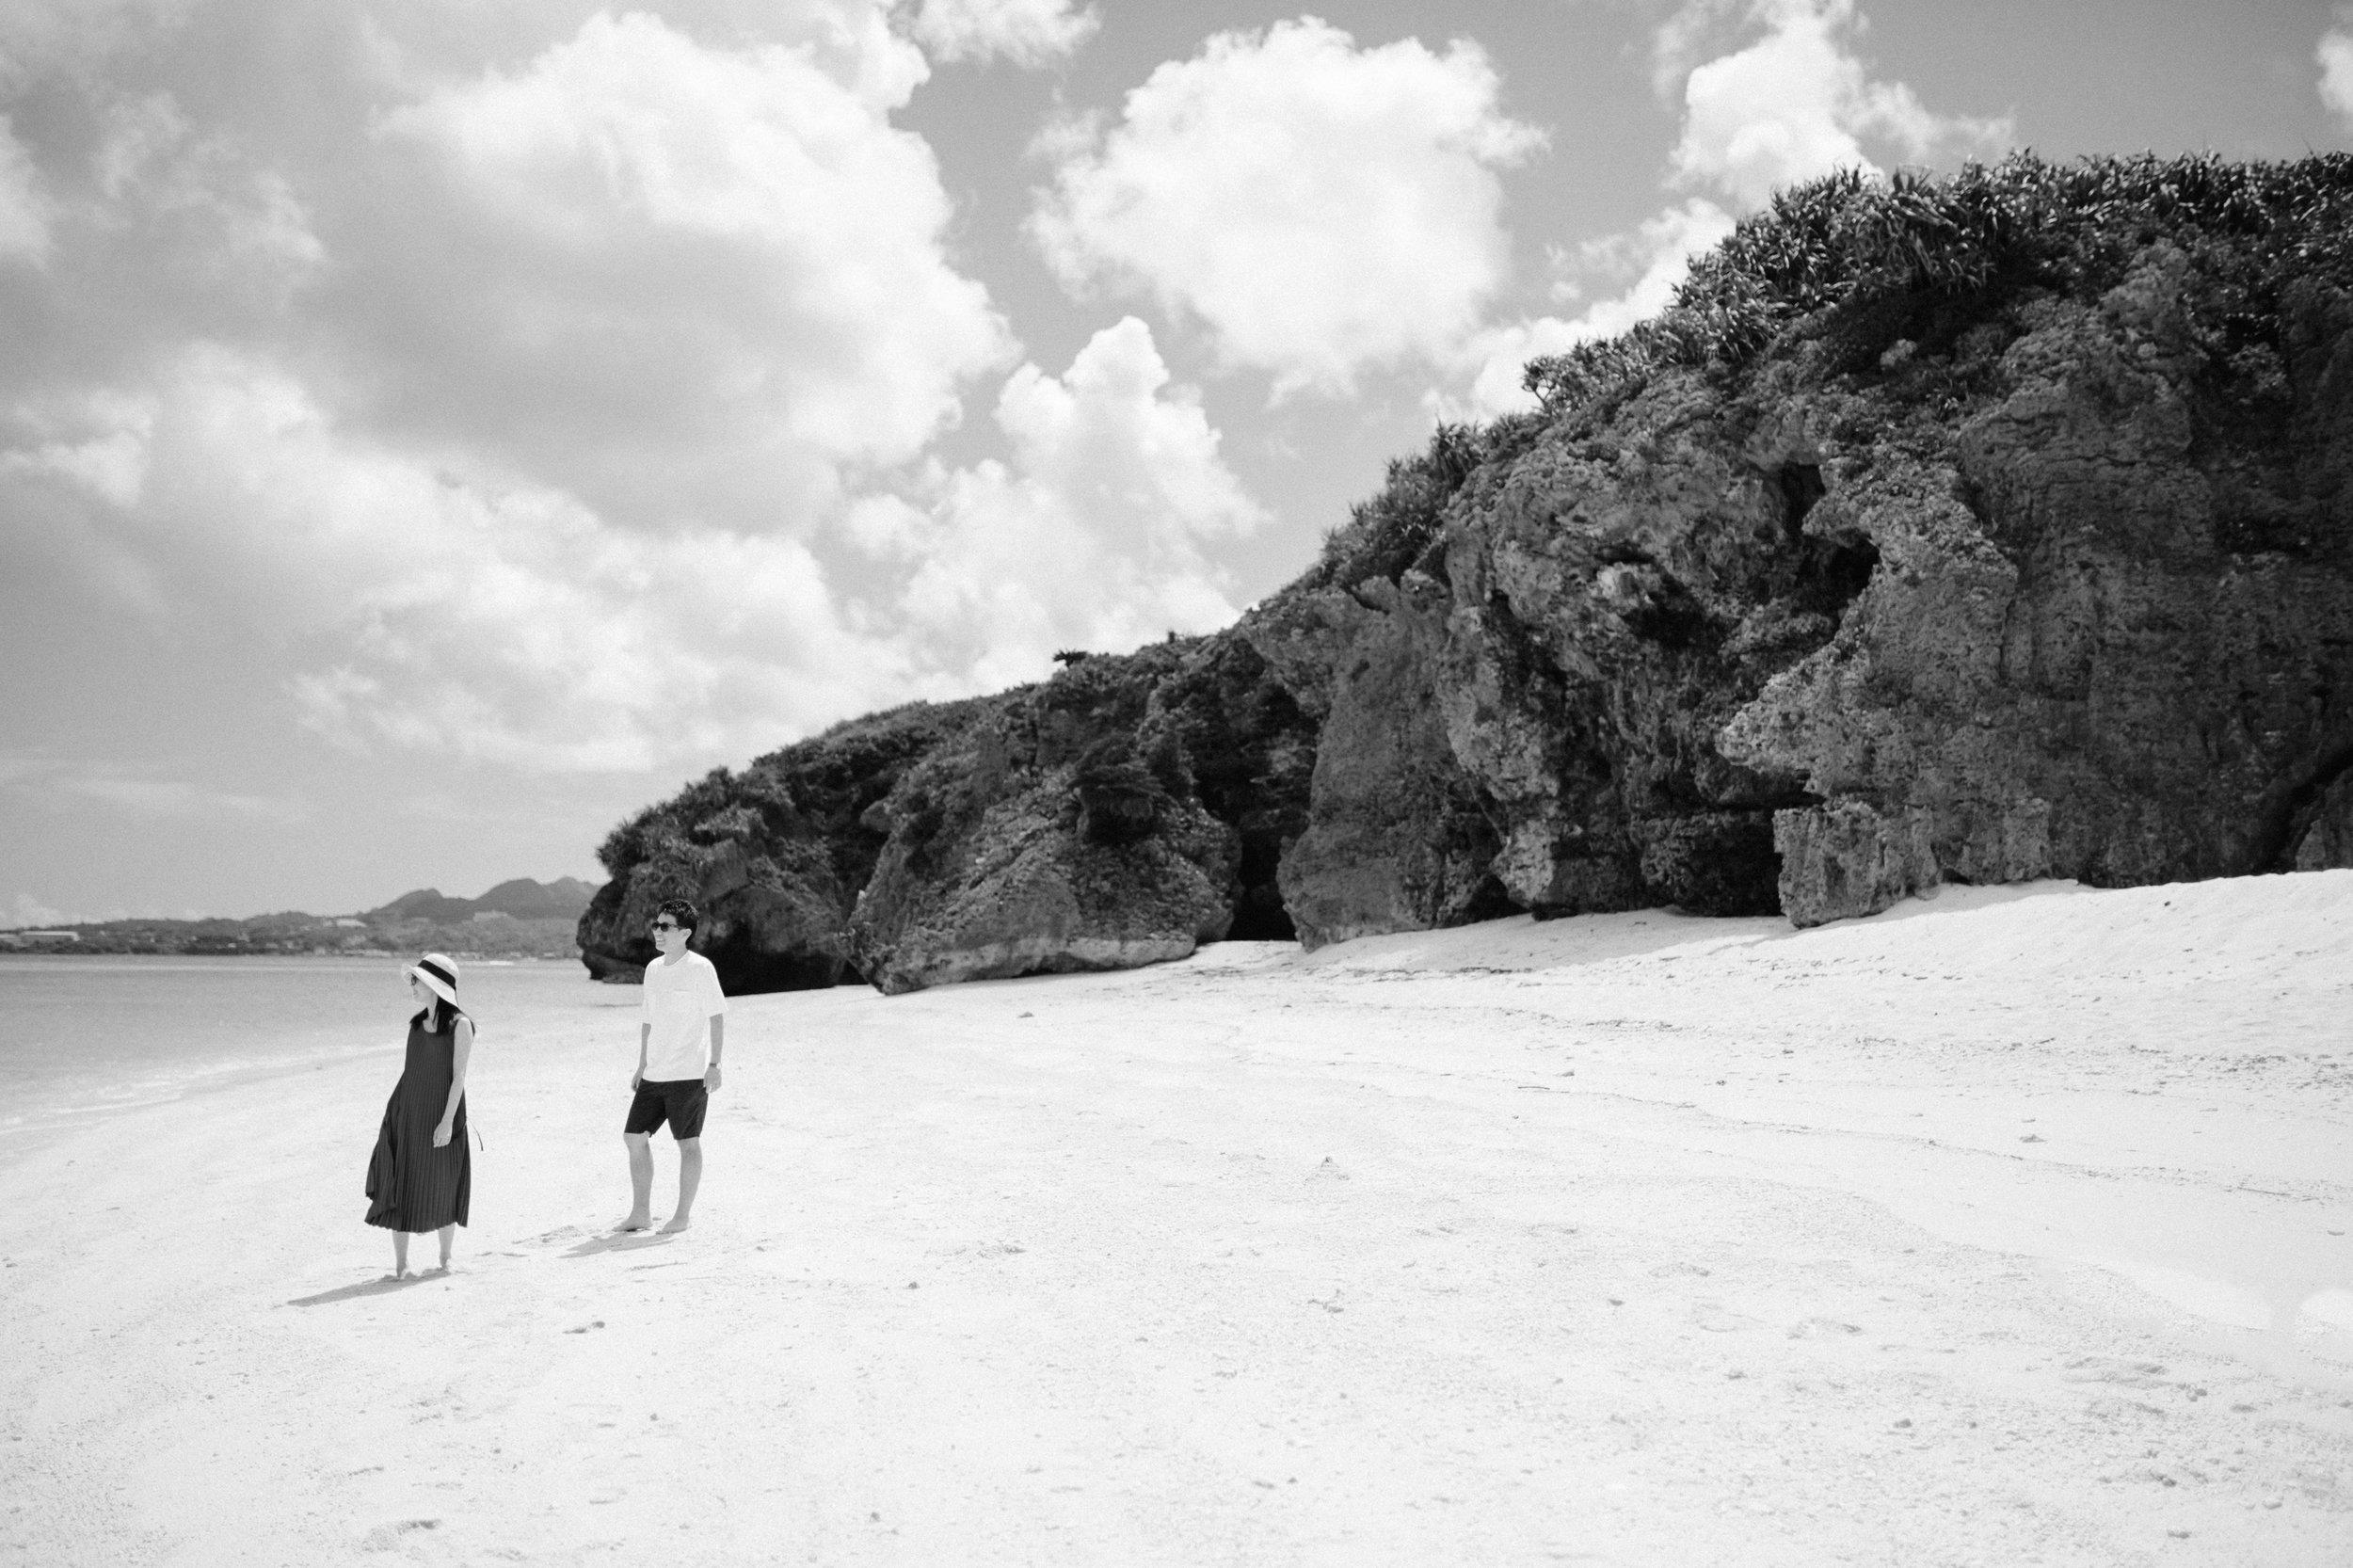 Engagement - 飾らない リラックスしたいつもの二人を。旅行で来られるカップルにもお勧め私服での撮影です。